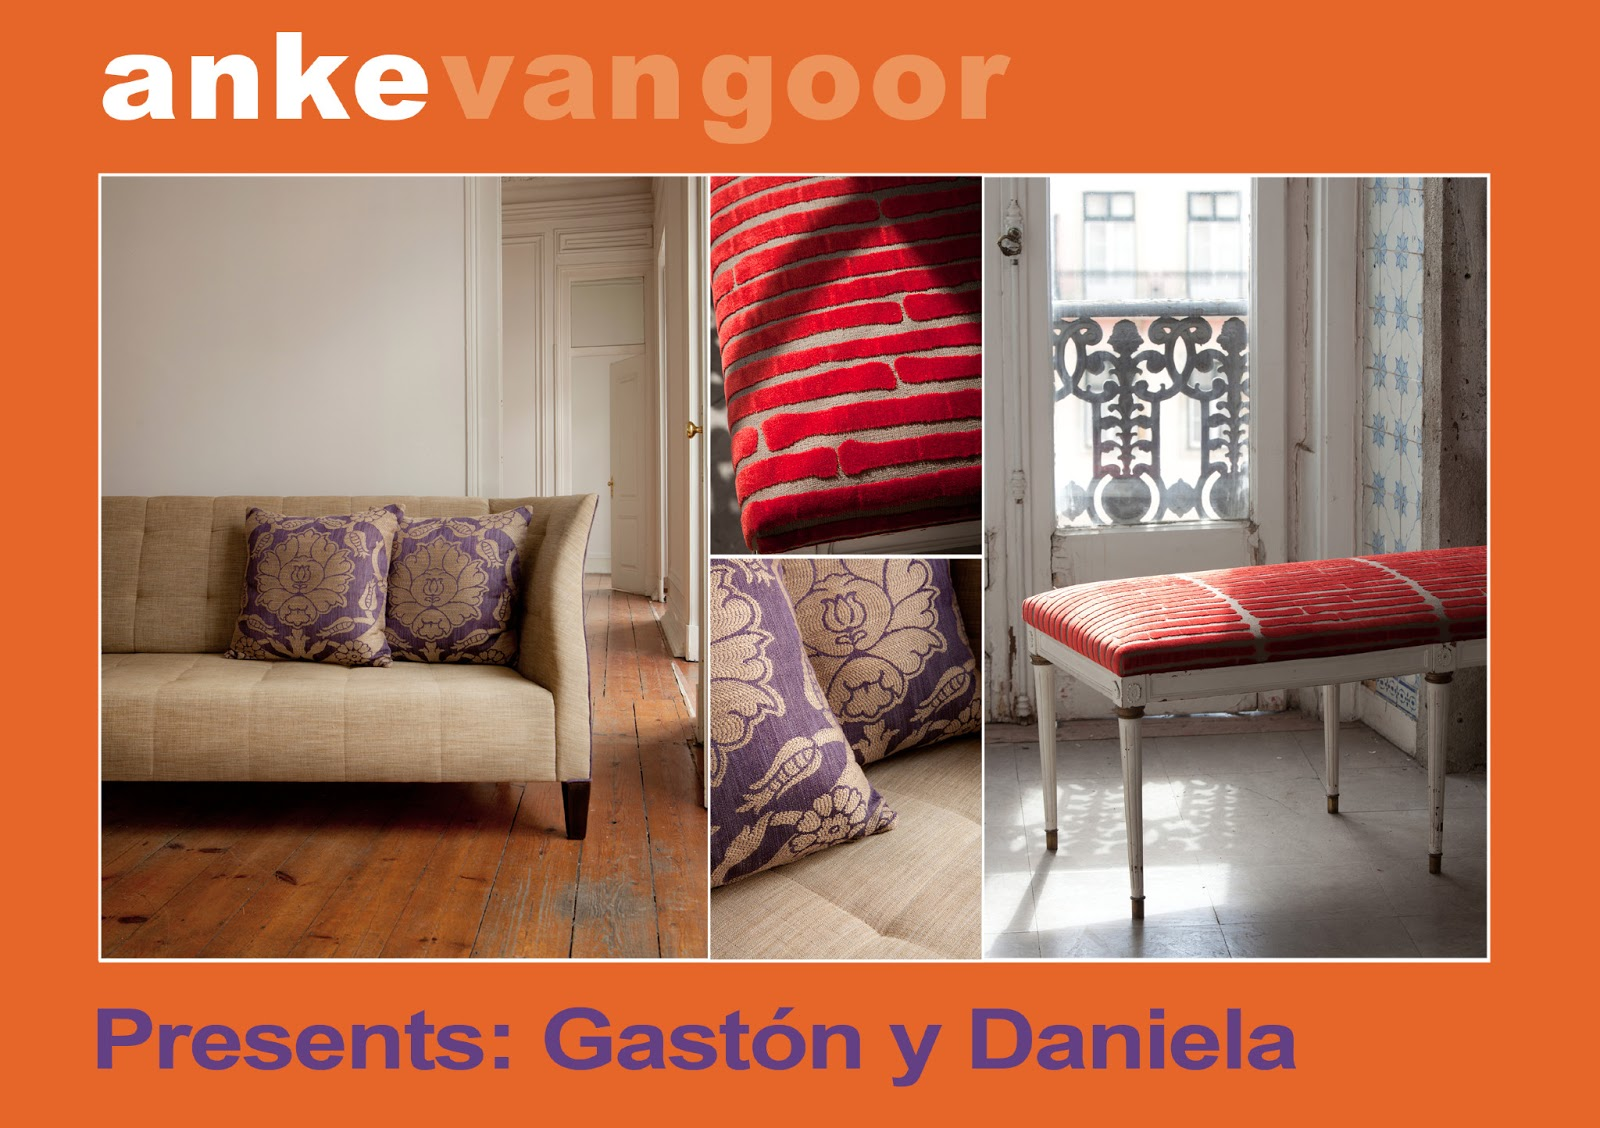 Anke van goor passie voor textiel en behang gast n y daniela impressions - Gaston y daniela ...